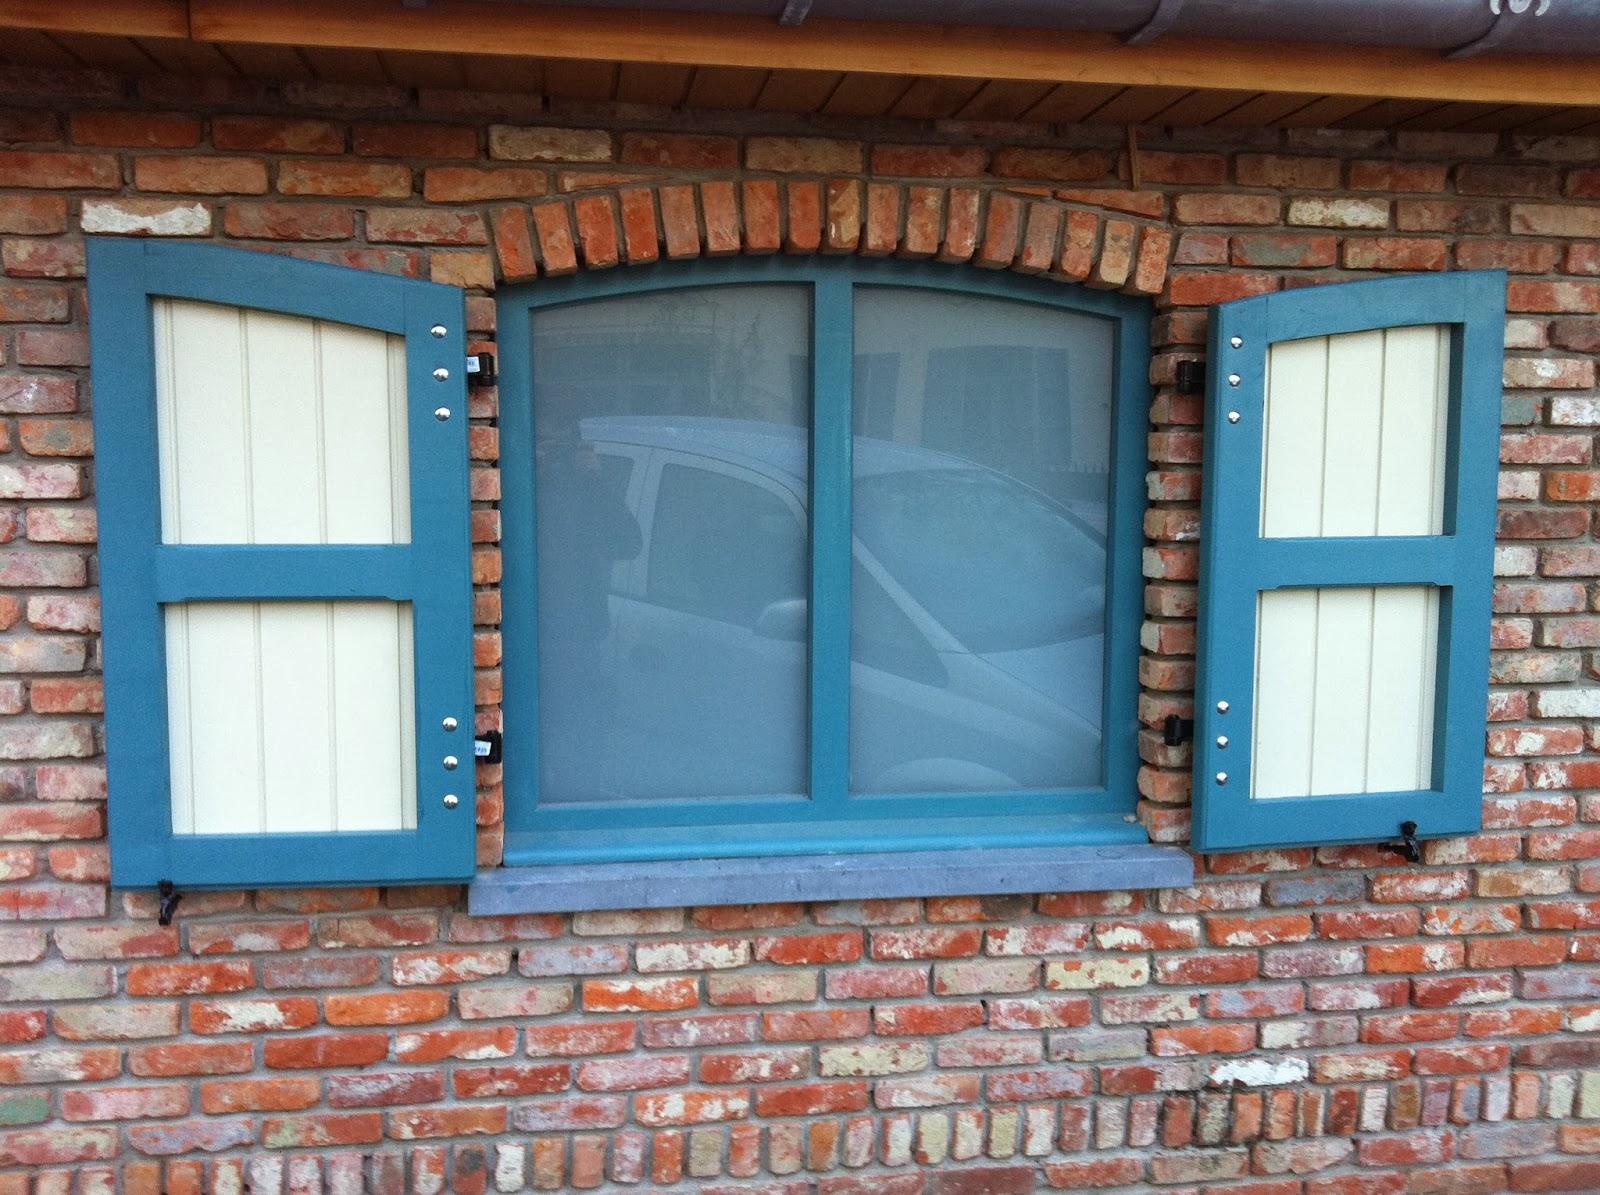 Top luikjes voor raam av74 aboriginaltourismontario for Hangdecoratie raam